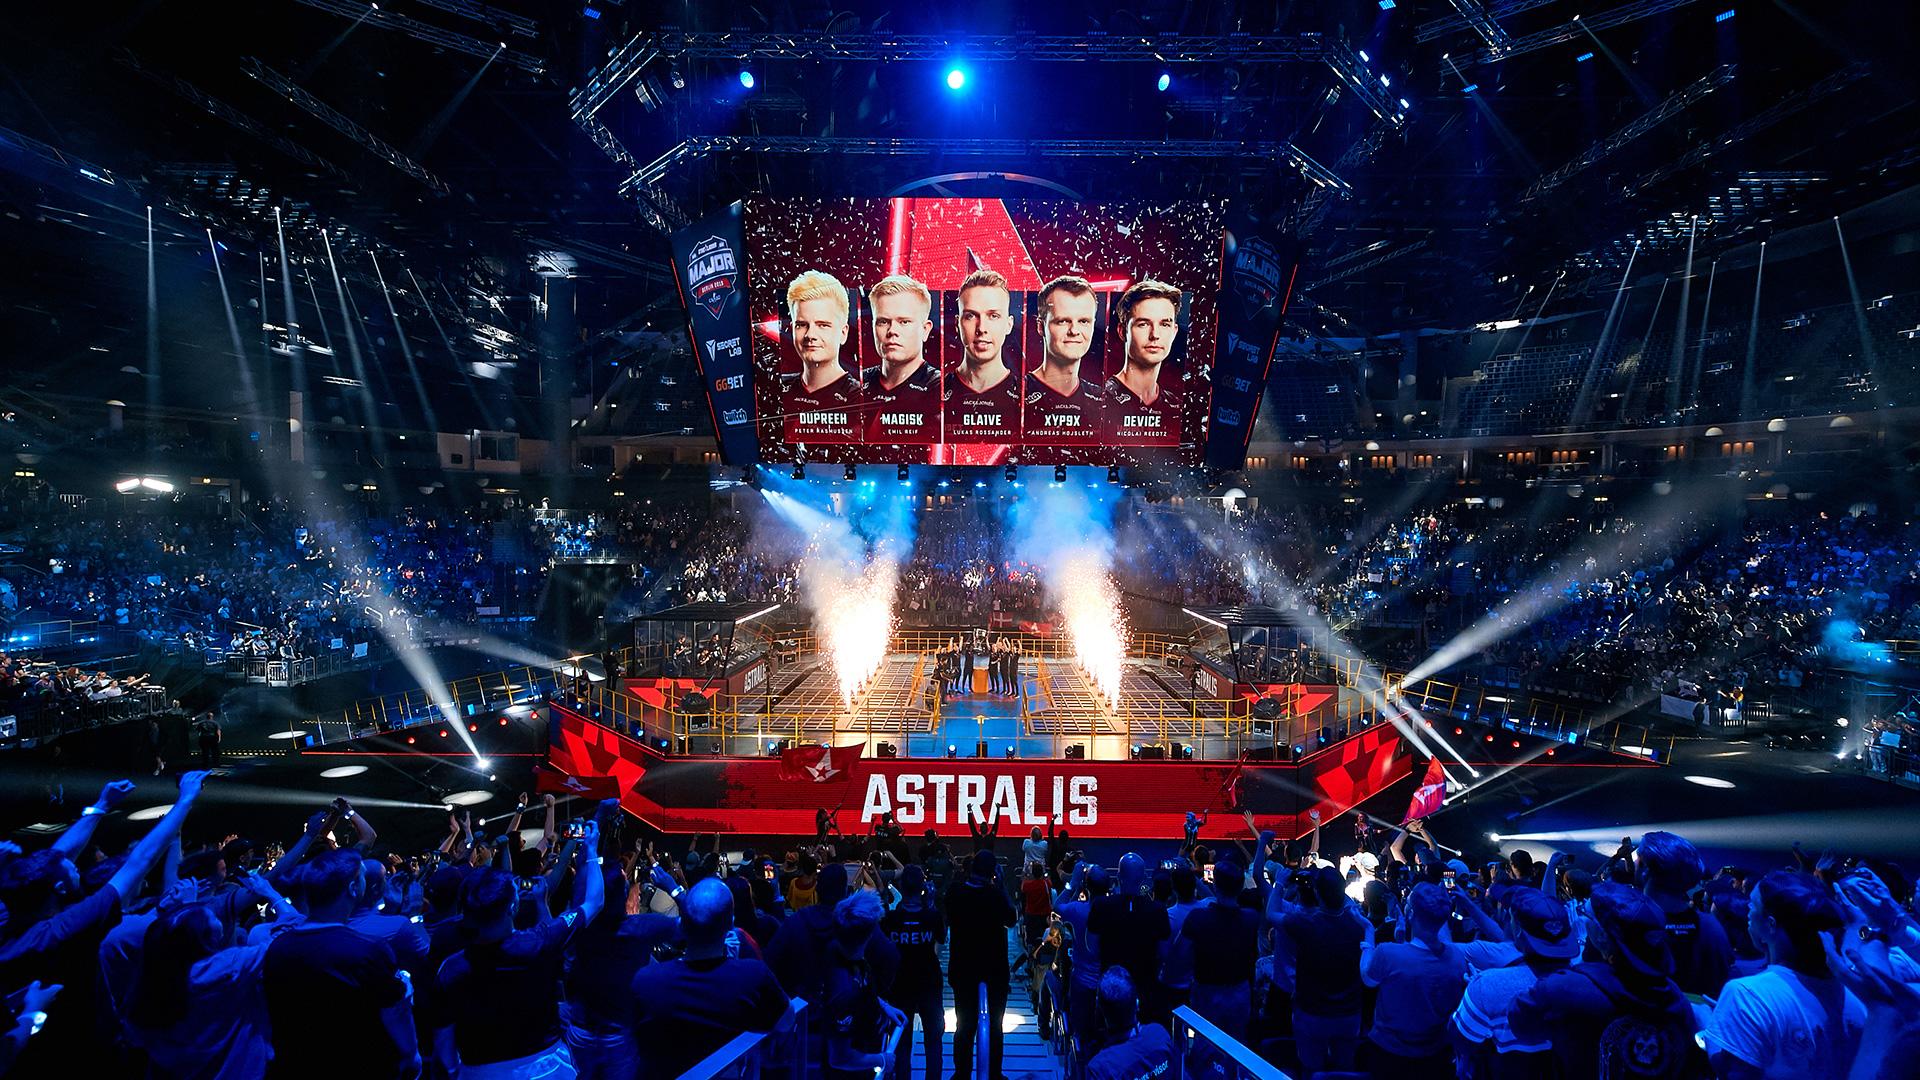 Astralis win StarLadder Berlin Major 2019.